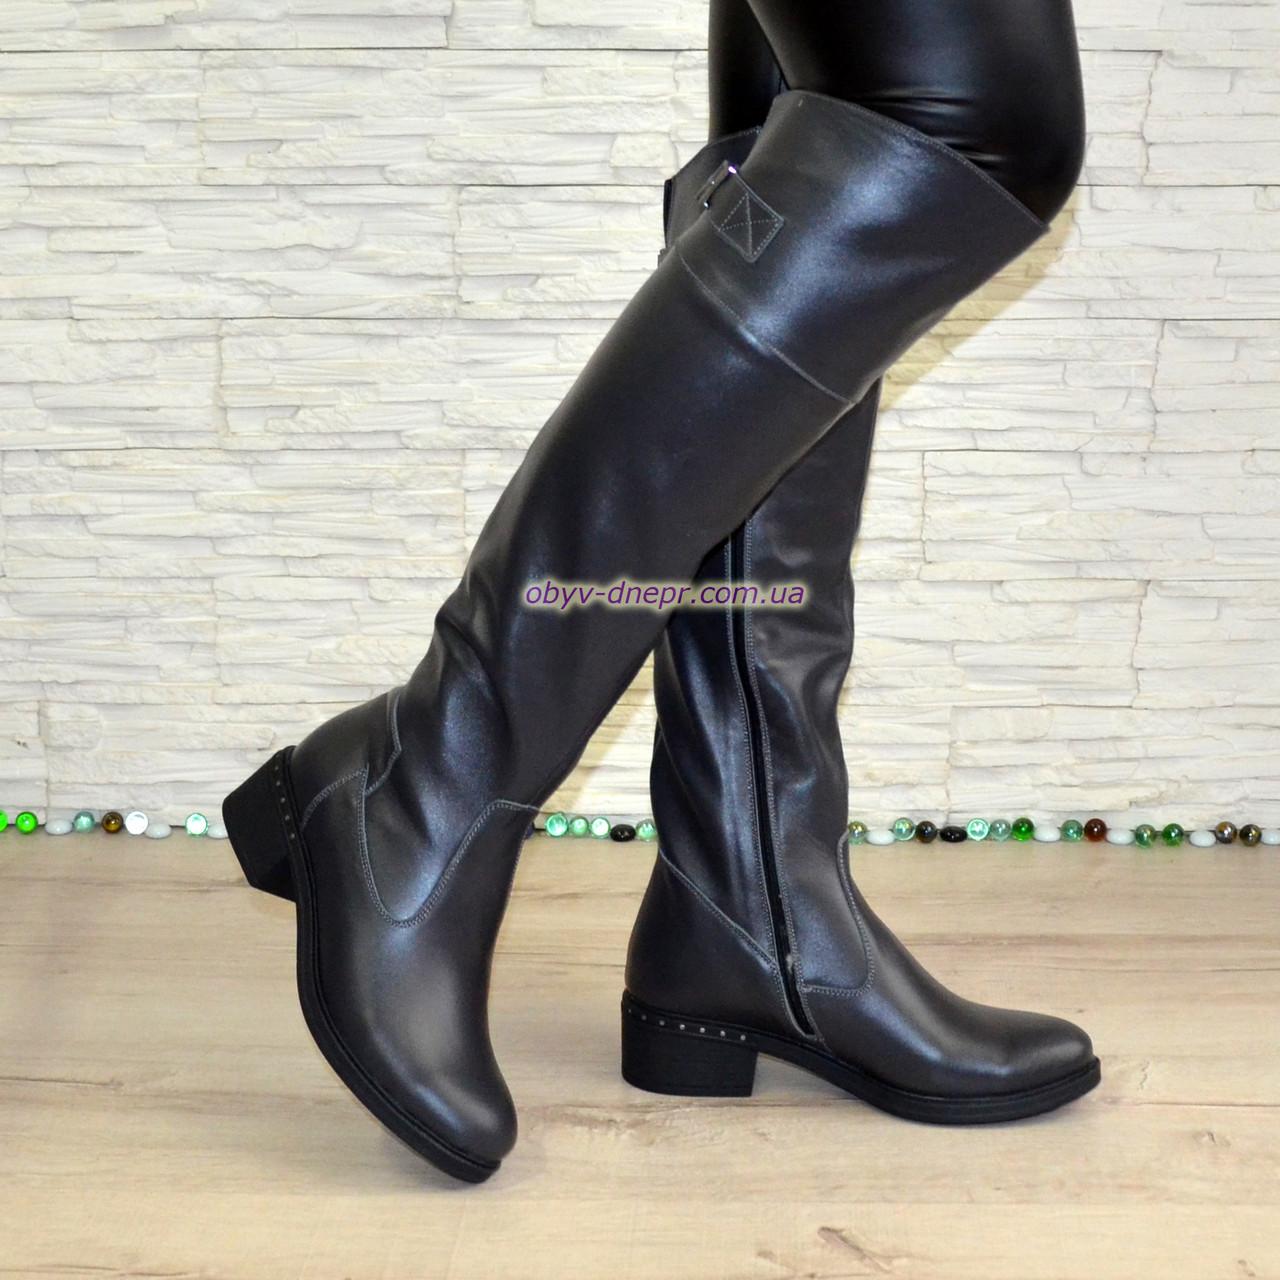 Ботфорты кожаные женские демисезонные на каблуке, серого цвета.